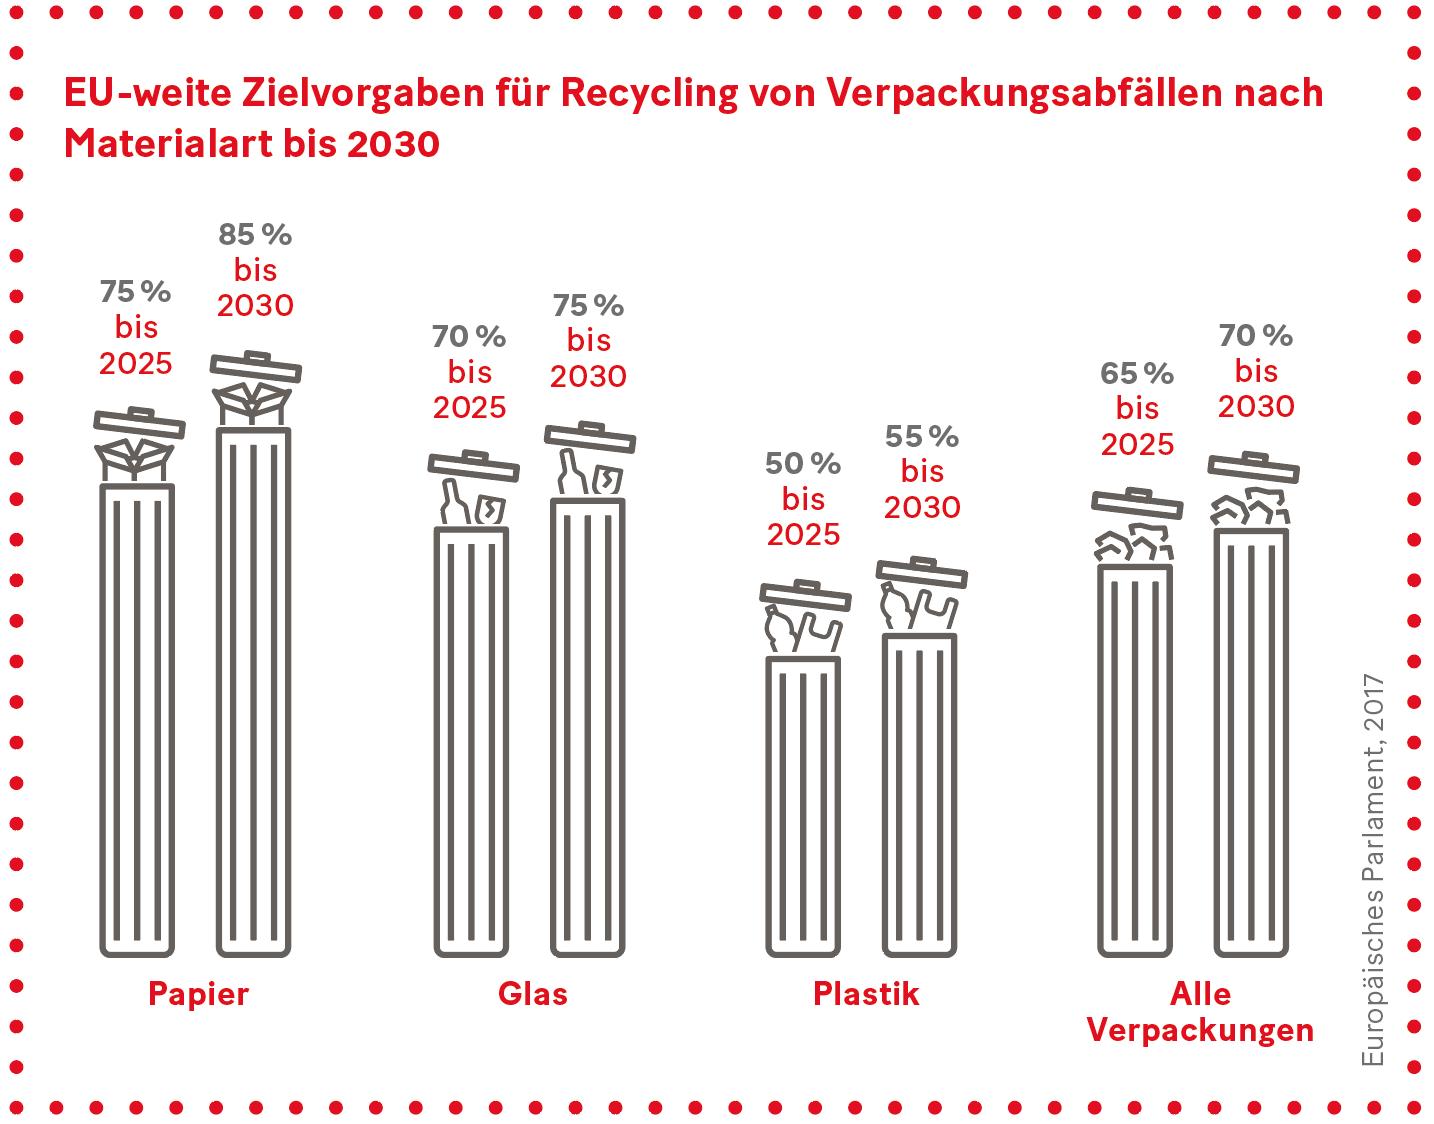 Grafik: EU-weite Zielvorgaben für Recycling von Verpackungsabfällen nach Materialart bis 2030